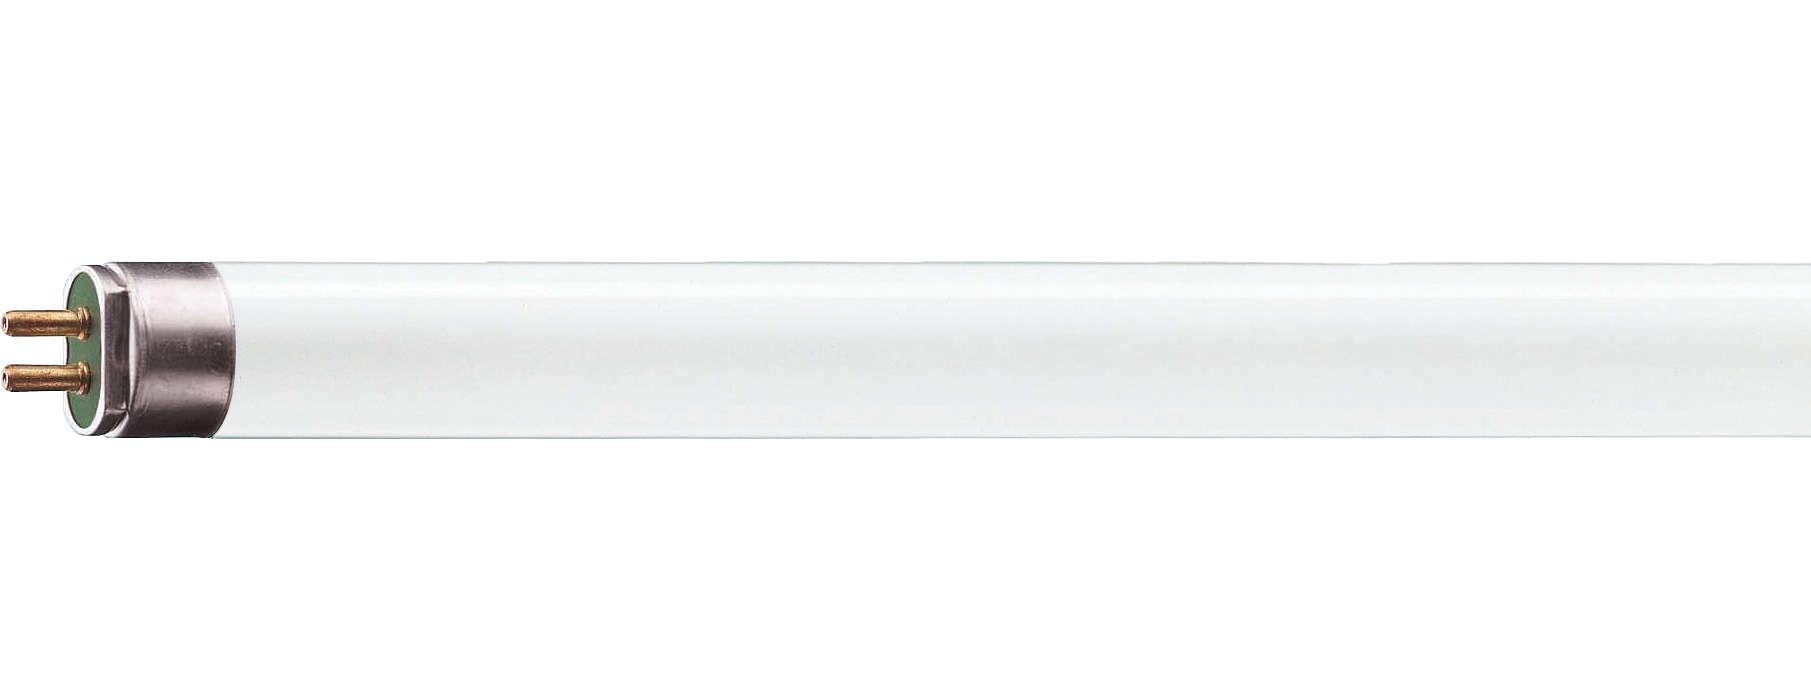 Luz fluorescente energizadora